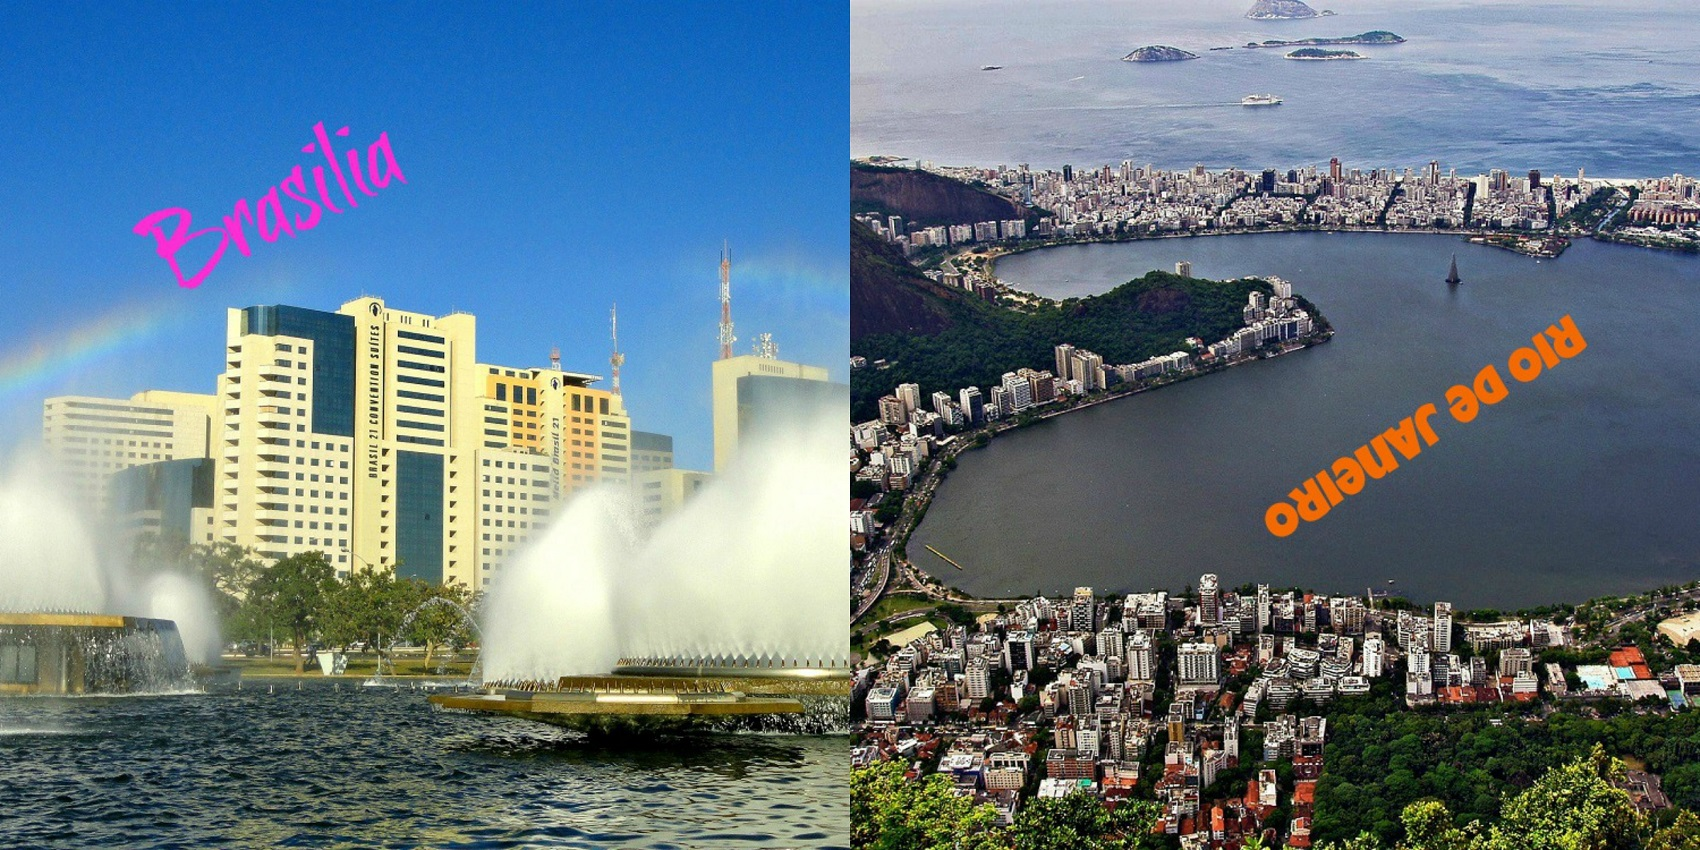 Rio vs Brasilia